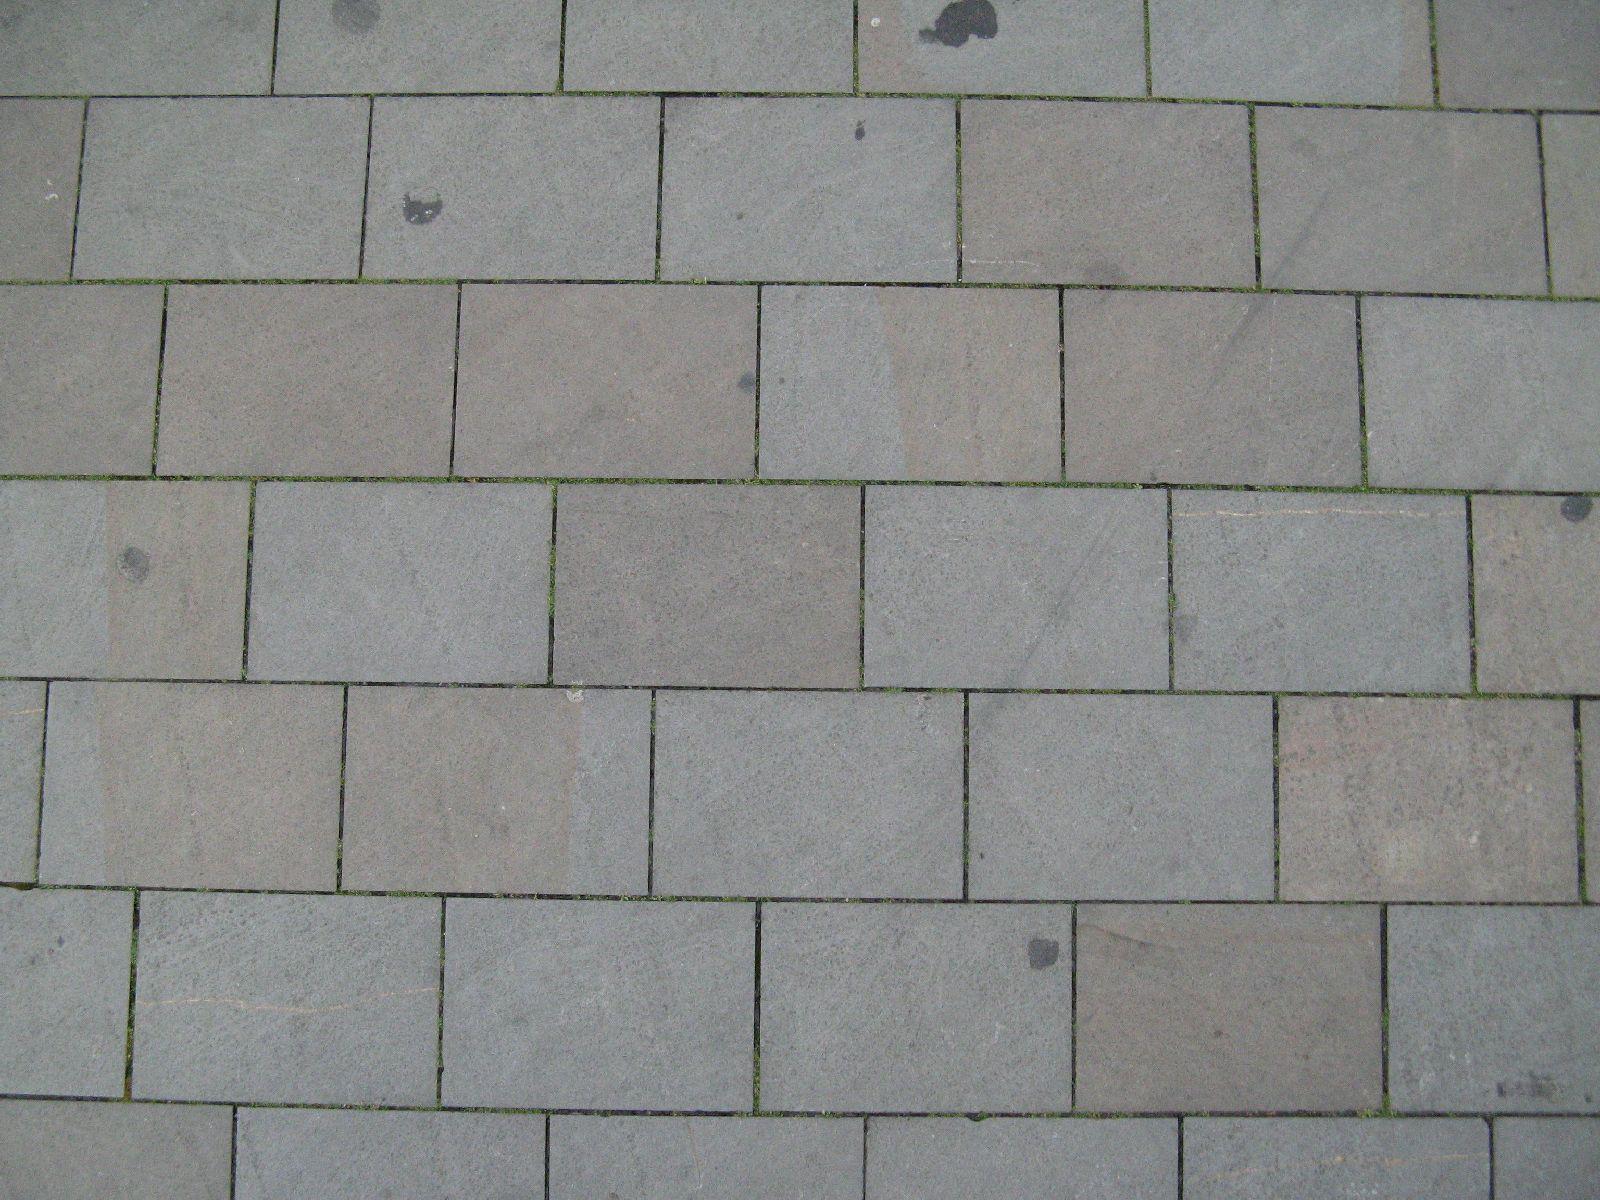 Boden-Gehweg-Strasse-Buergersteig-Textur_B_00802